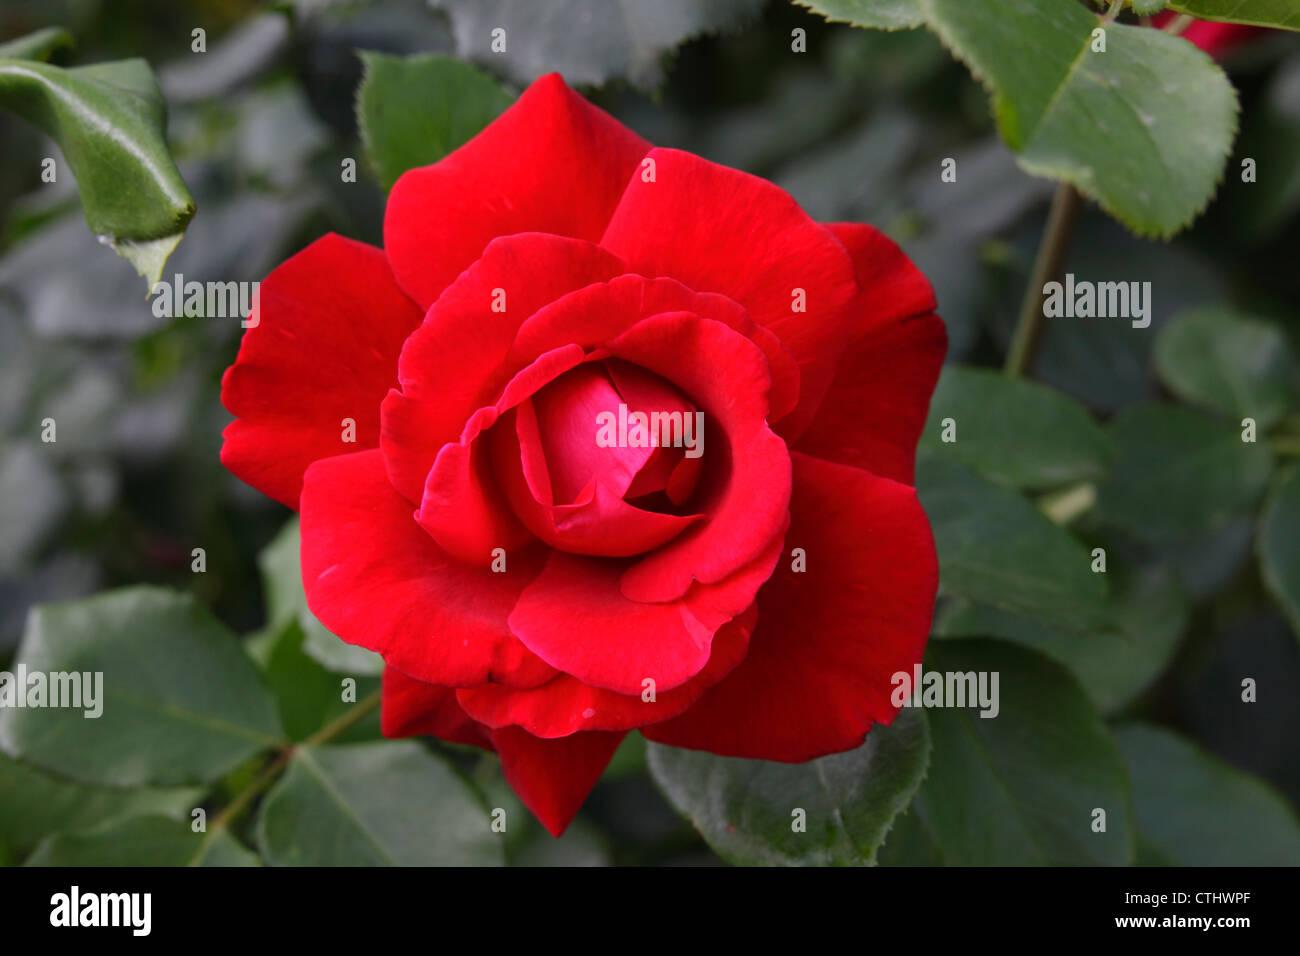 Gros plan d'une fleur rose Photo Stock